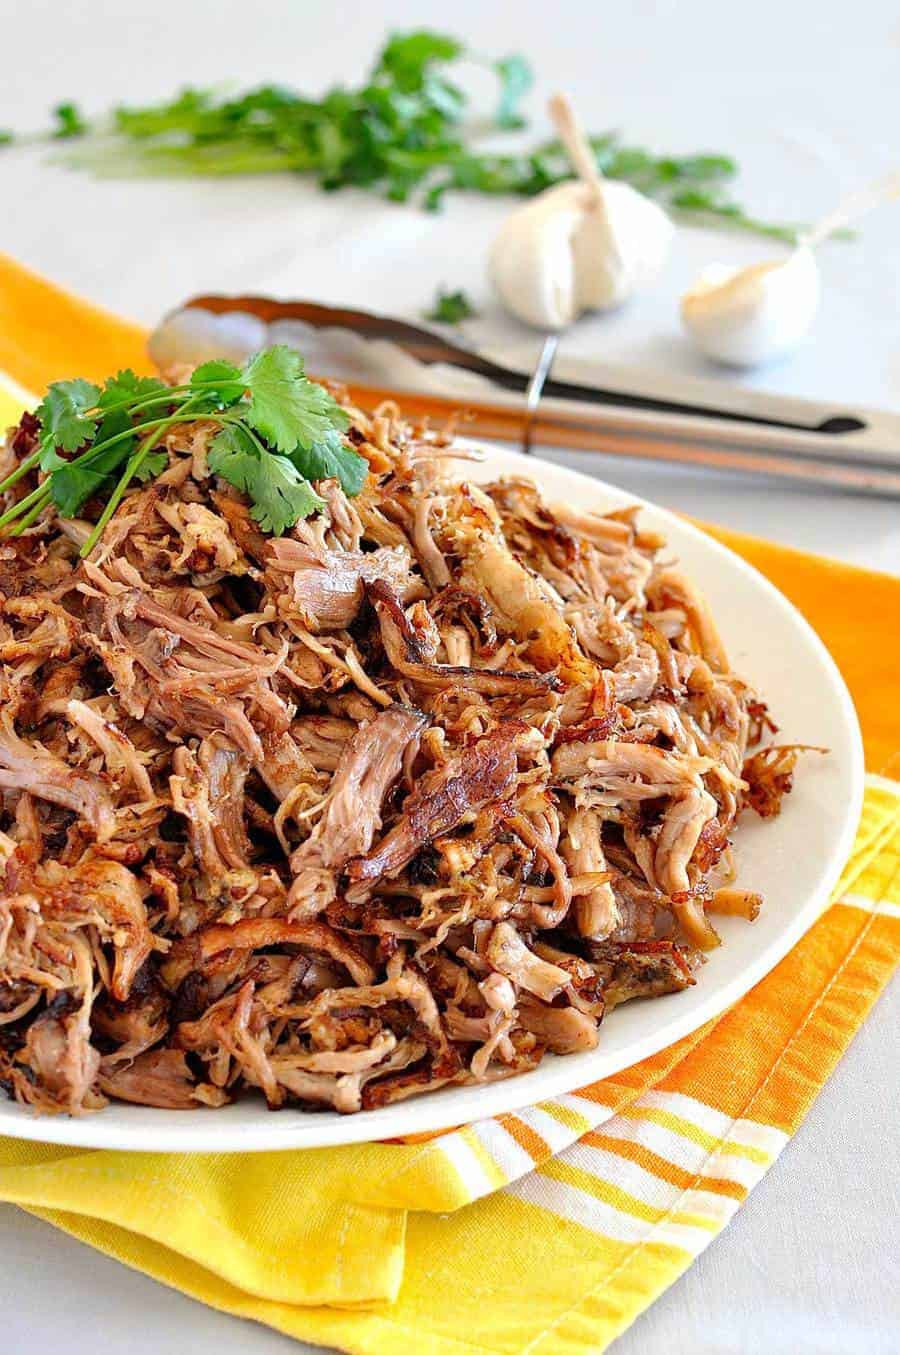 Mexican Pork Recipes  Pork Carnitas Mexican Slow Cooker Pulled Pork